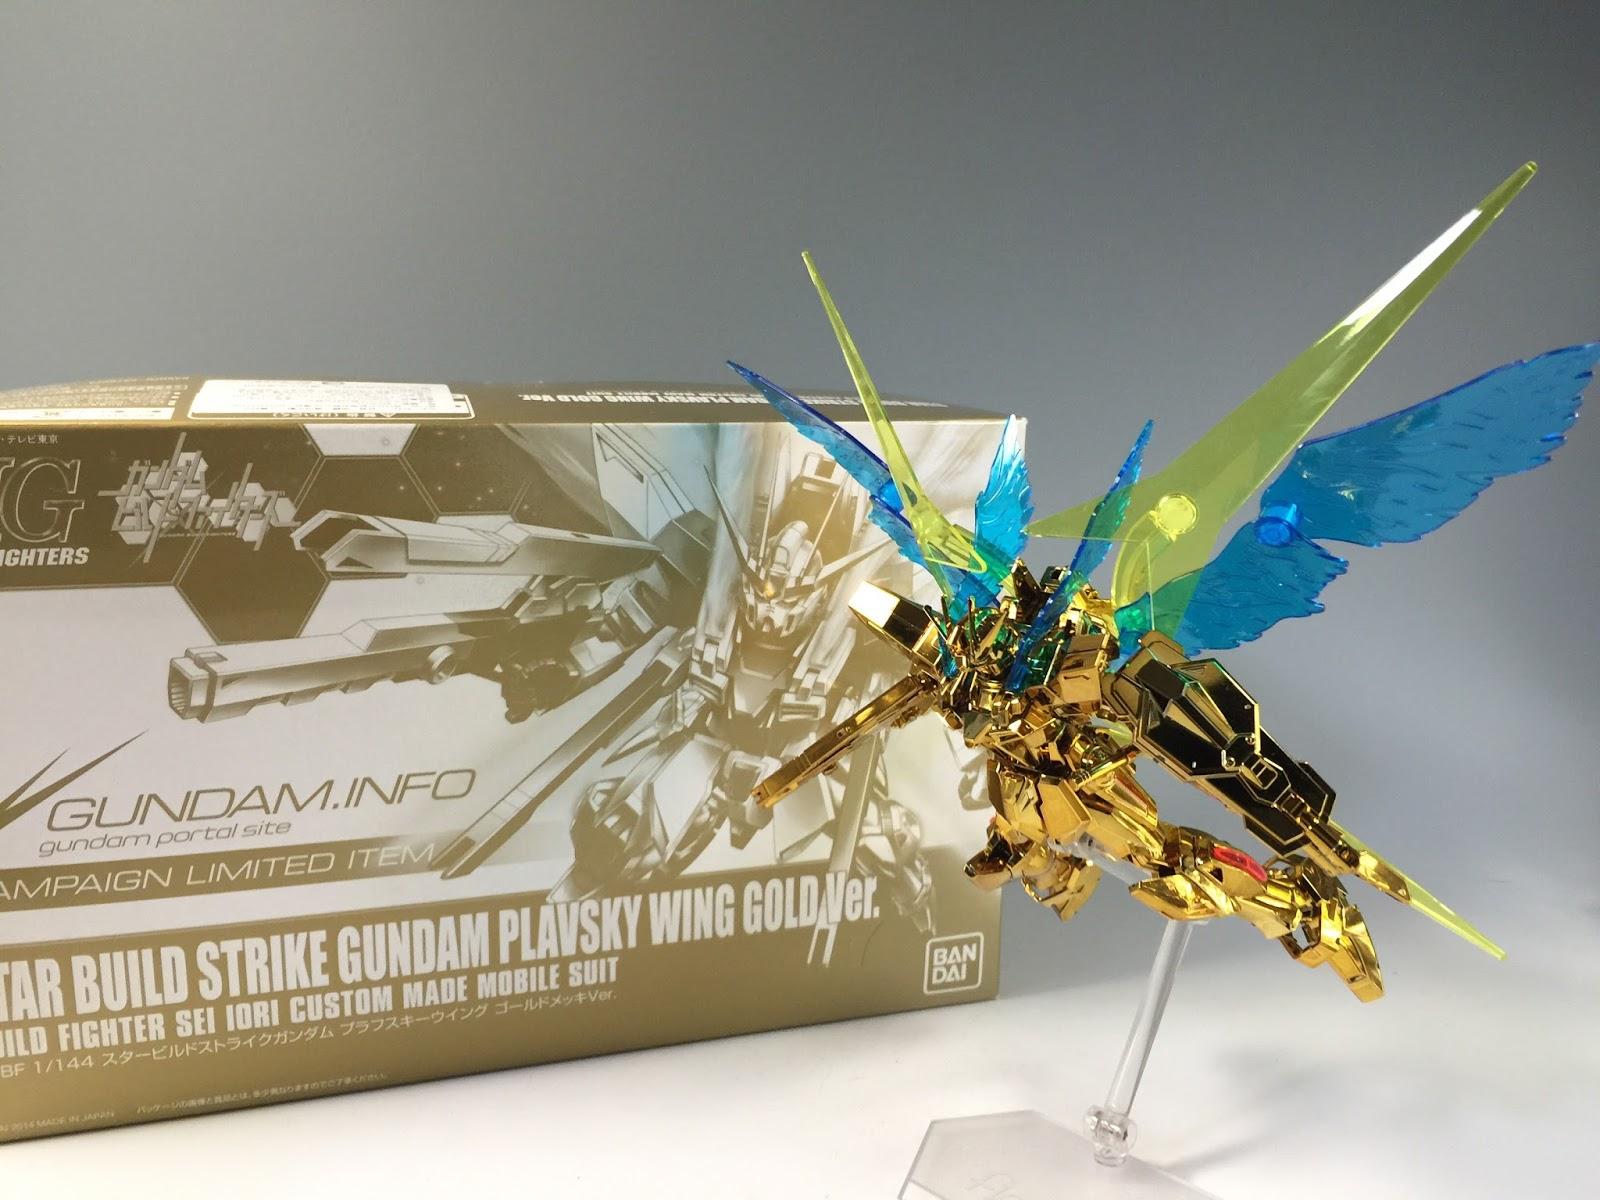 G-リミテッド: G-Archive: 1/144 HGBF Star Build Strike Gundam Plavsky